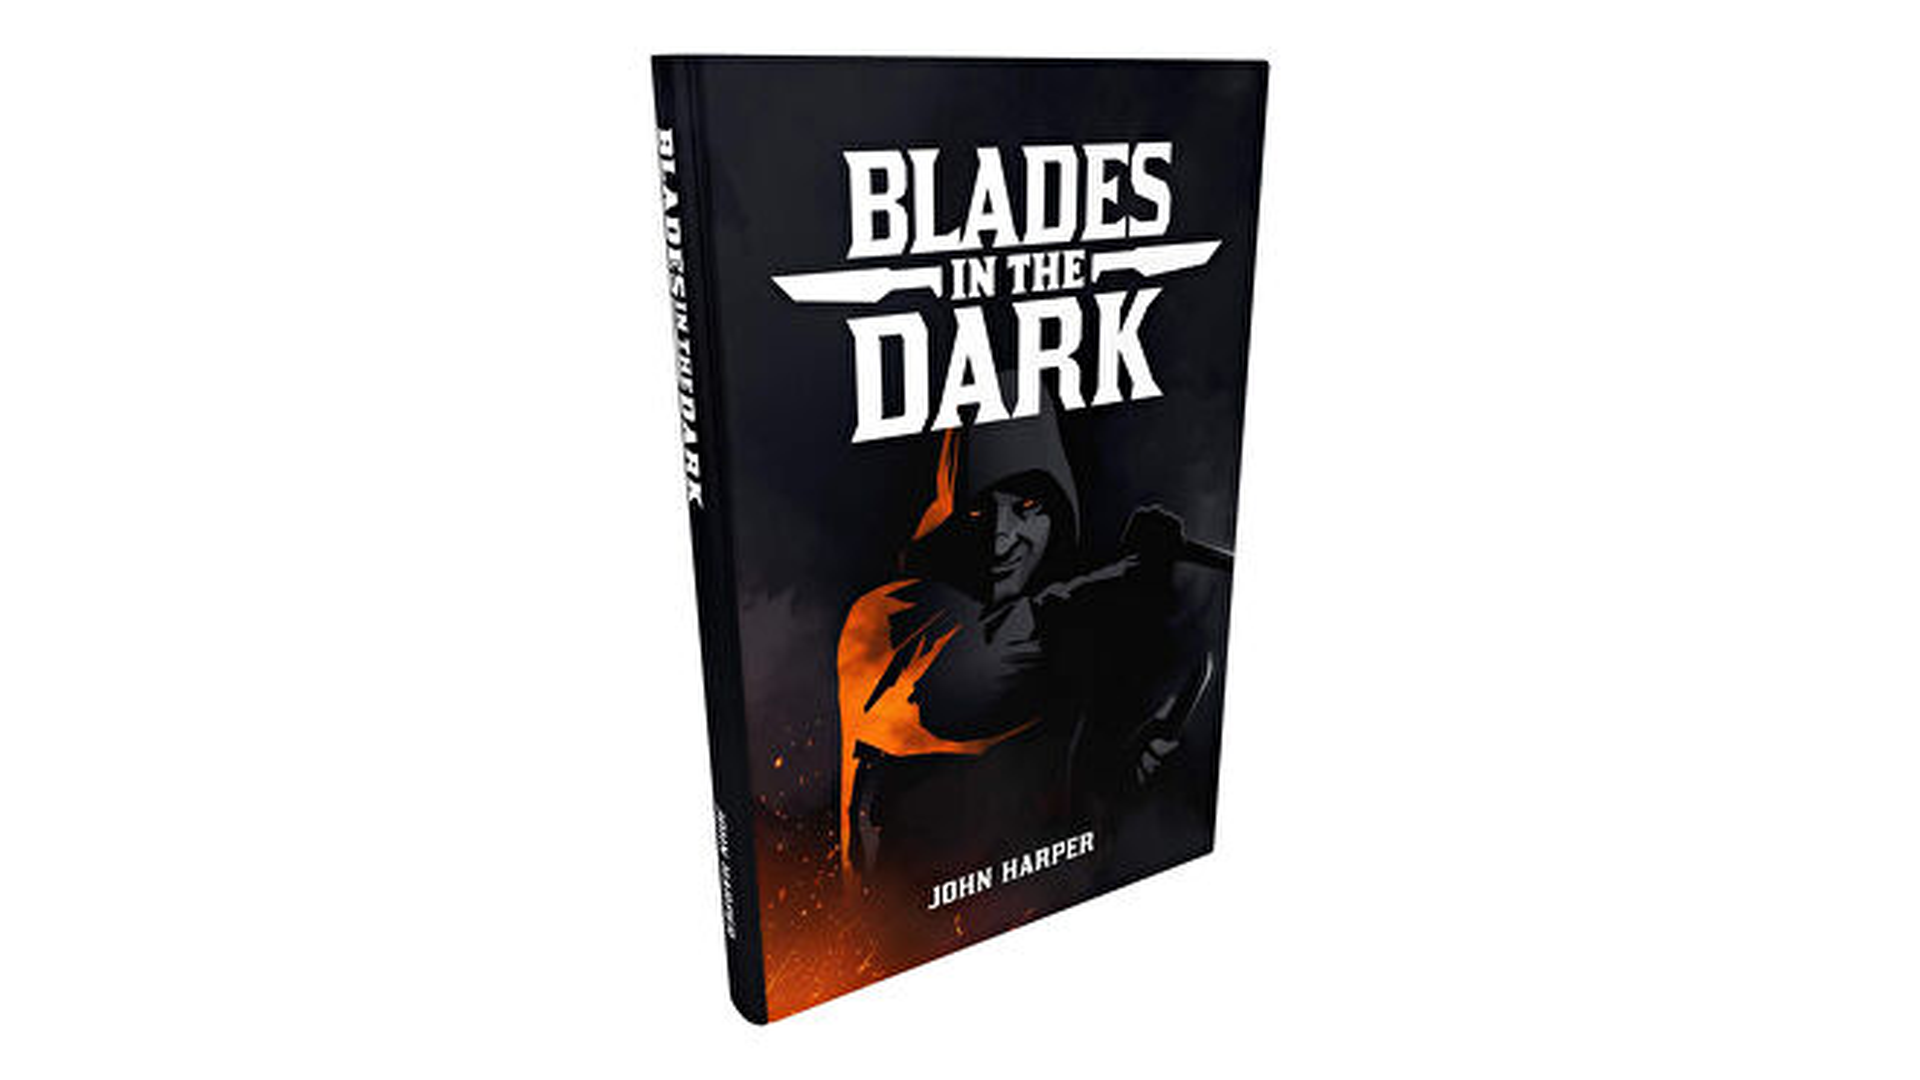 BladesintheDark_RpgBook.jpg